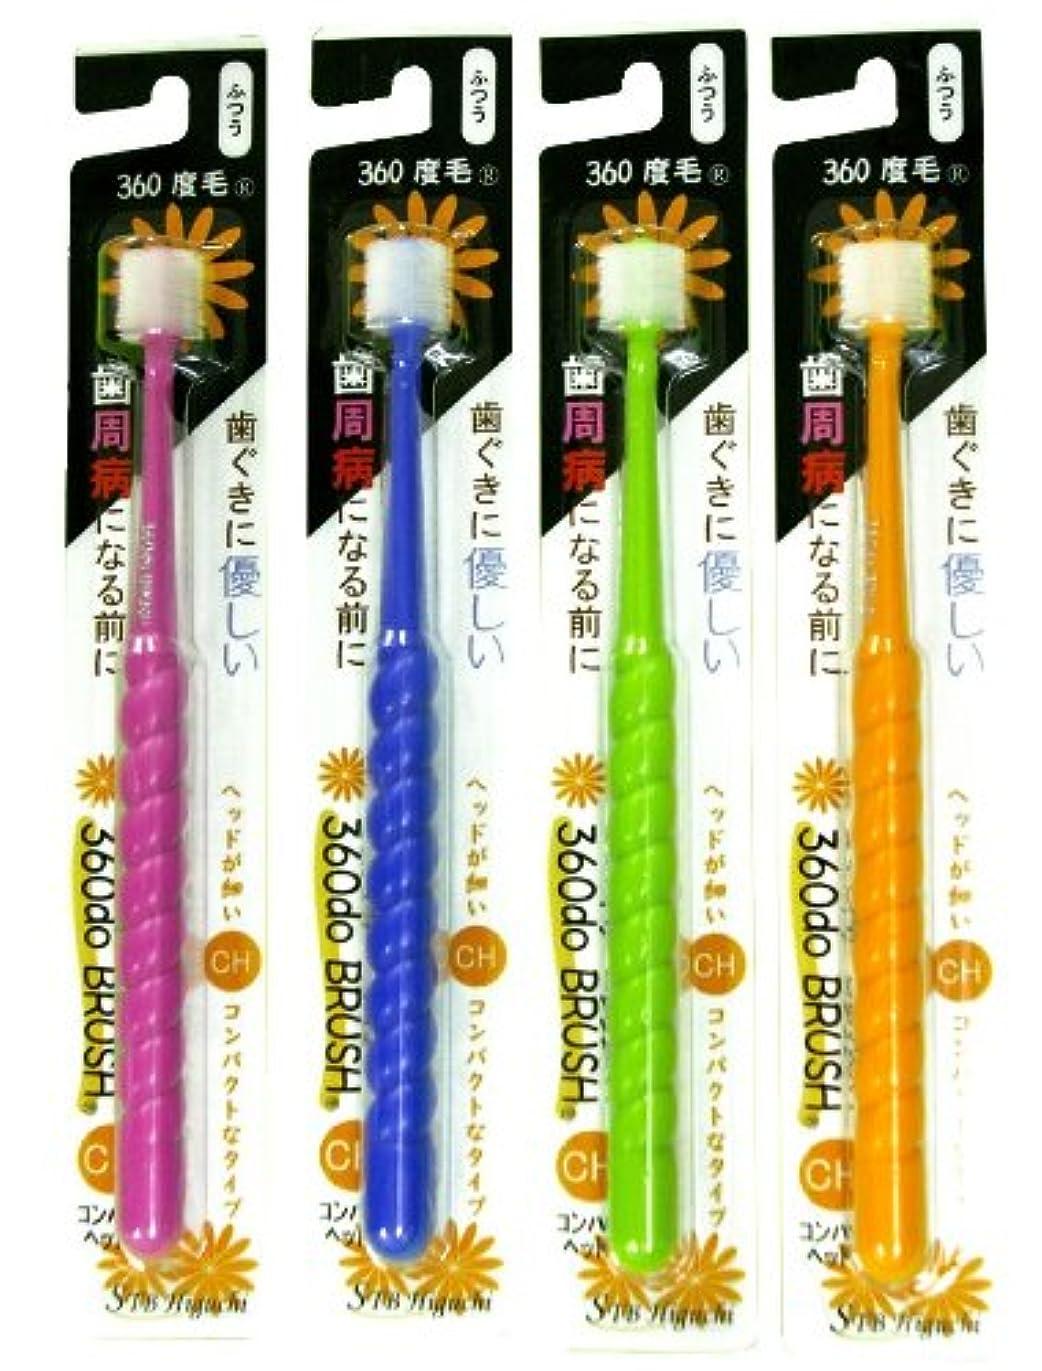 自発的ログ熟達した360度歯ブラシ 360do BRUSH コンパクトヘッド(CH)(カラーは1色おまかせ)